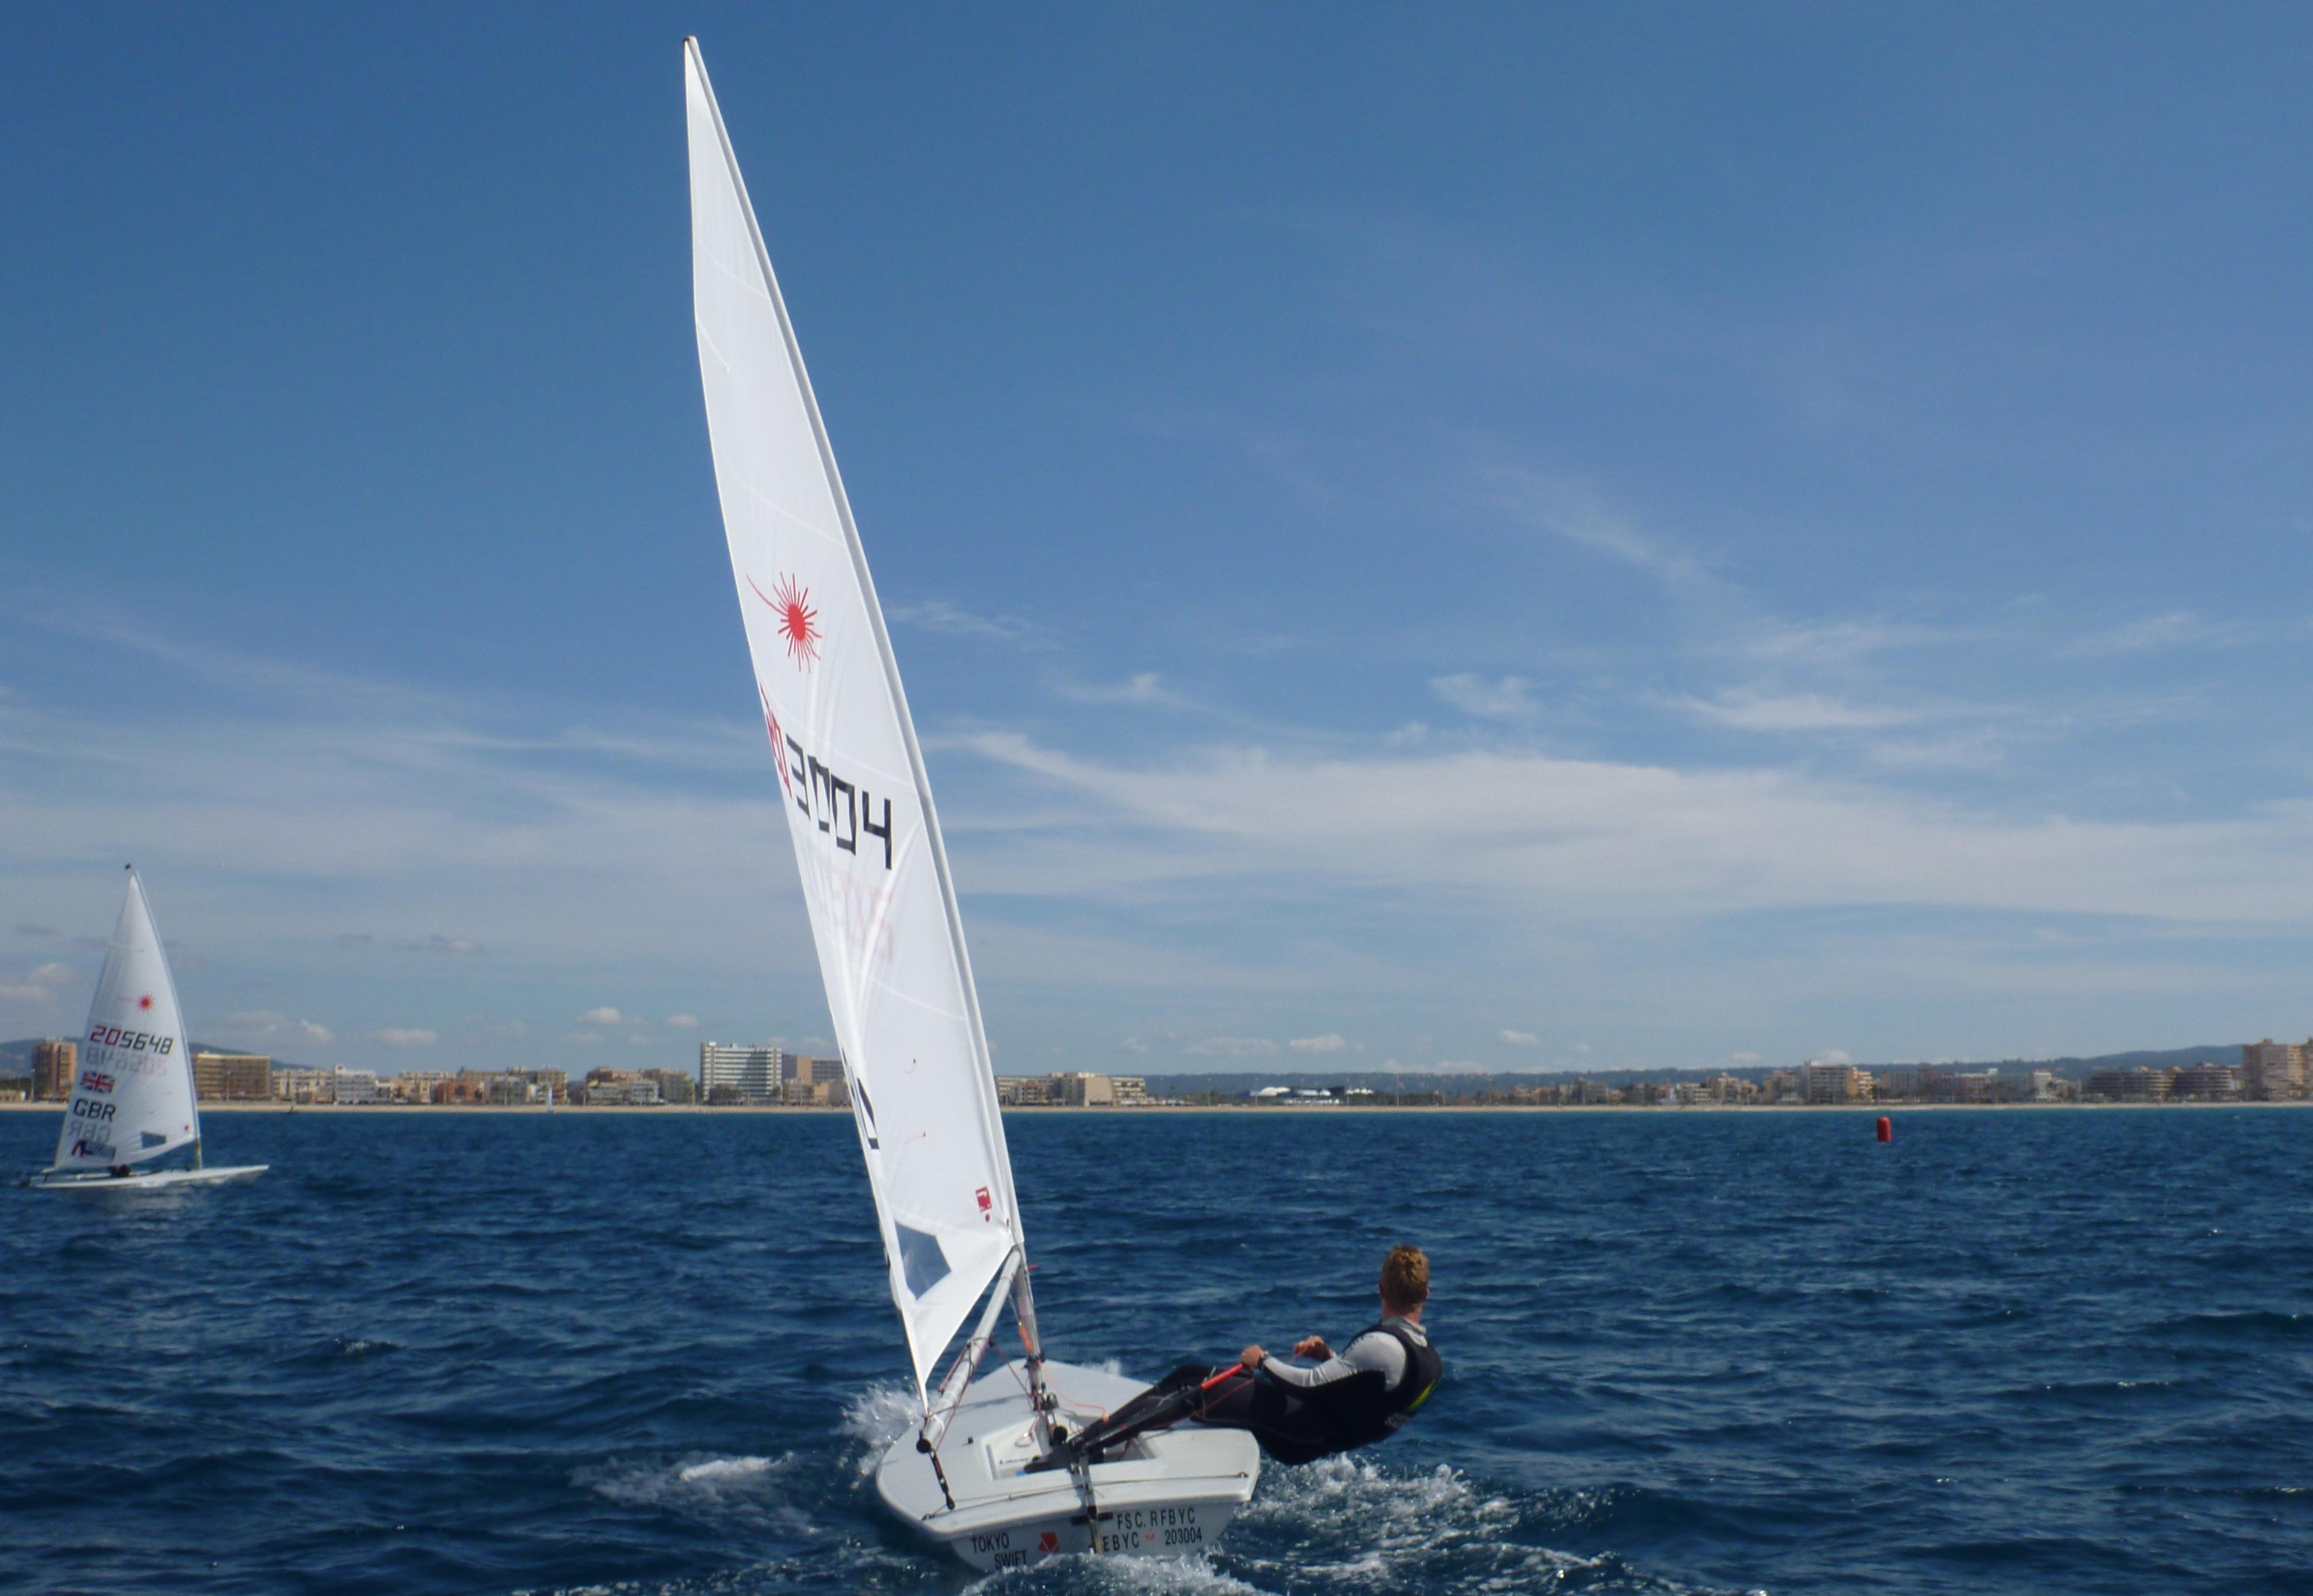 Pre-regatta training